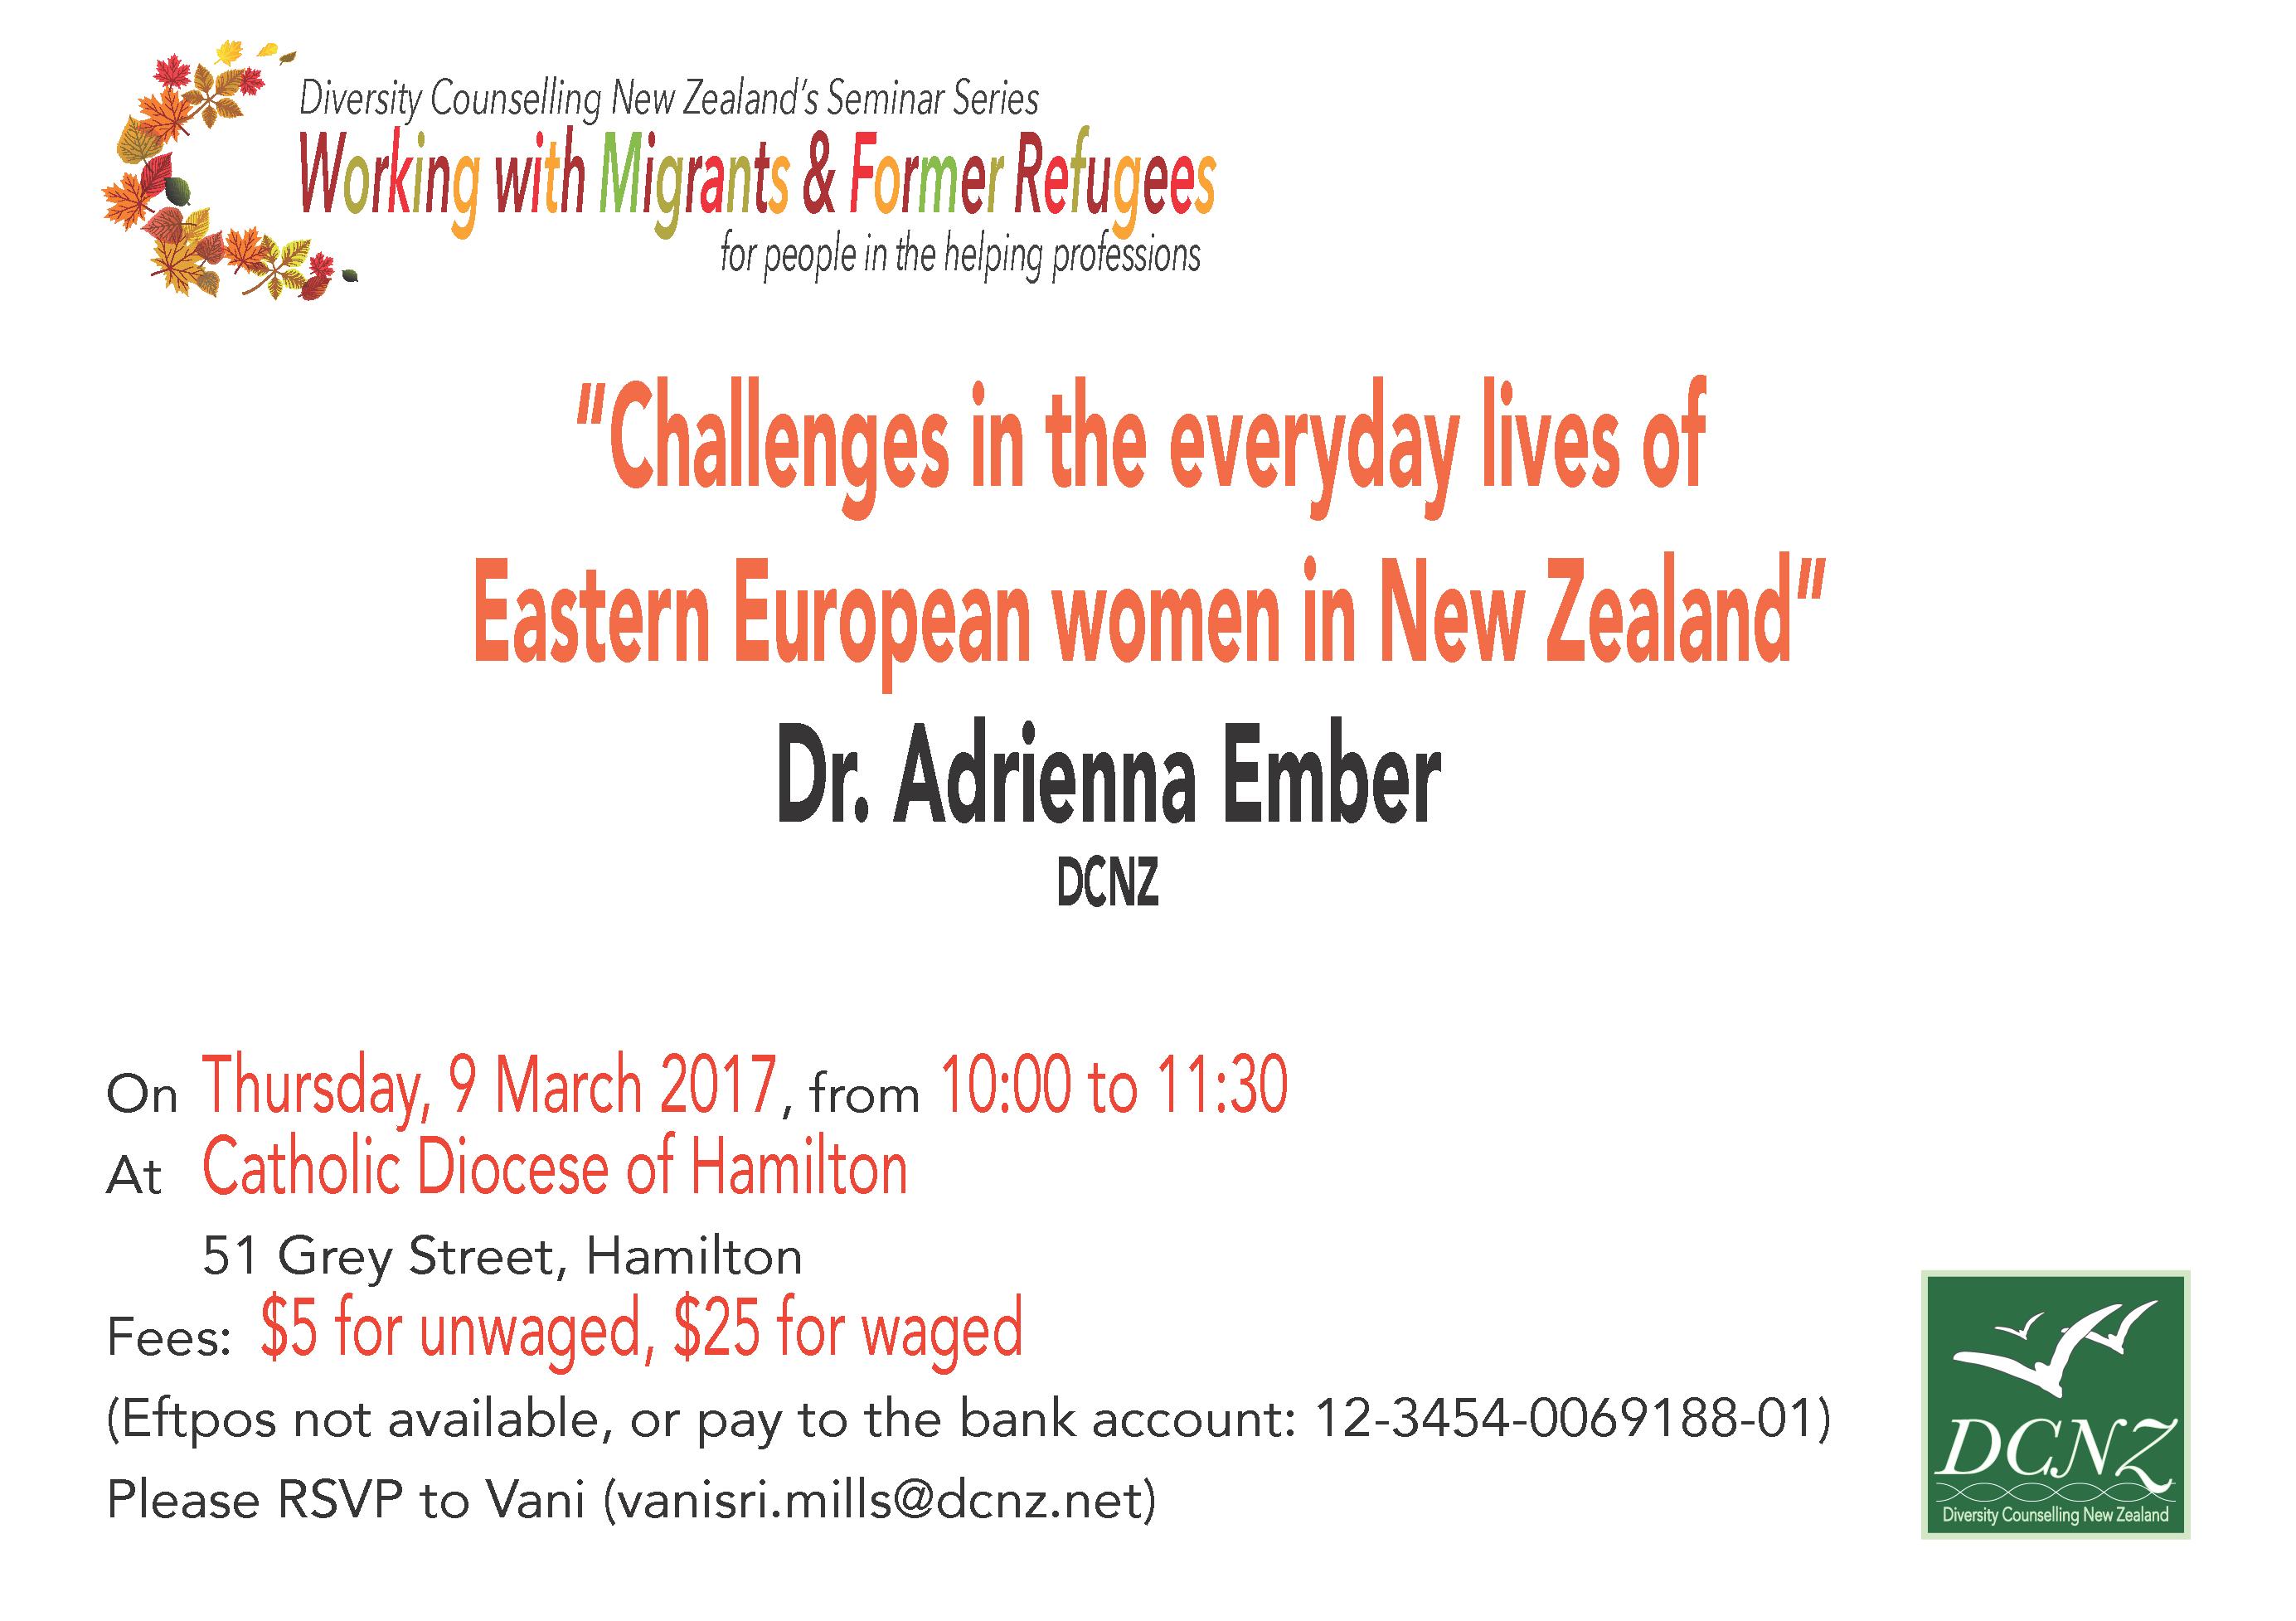 DCNZ WWMFR Seminar on 9 March